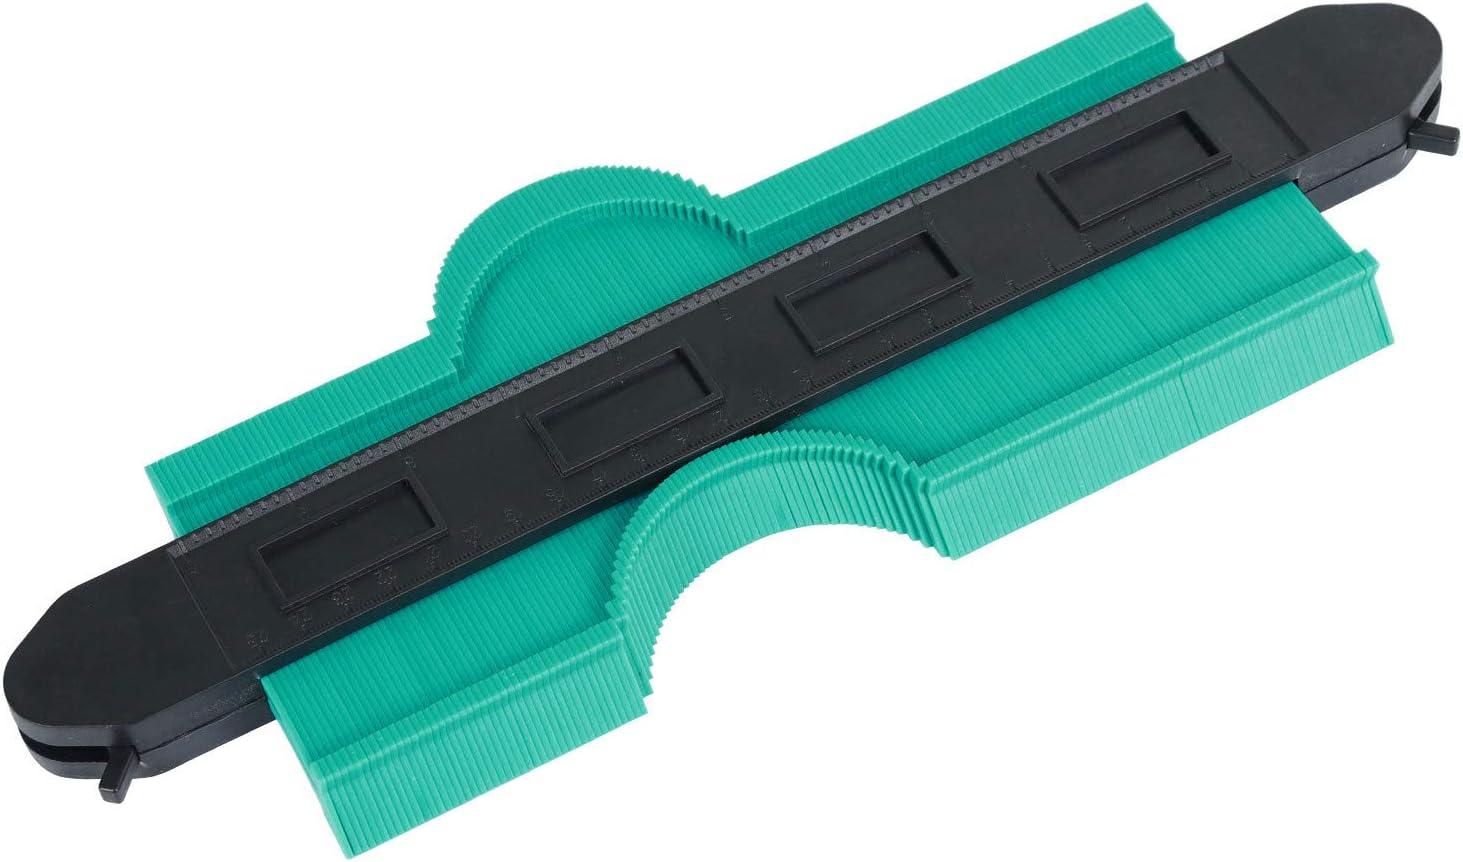 Enor Medidor de Contornos Bloqueable 25cm en Plástico ABS, Medidor Duplicación de Perfil Copiador de Contorno con Cerradura, Herramienta Carpintería para Corte Suelo